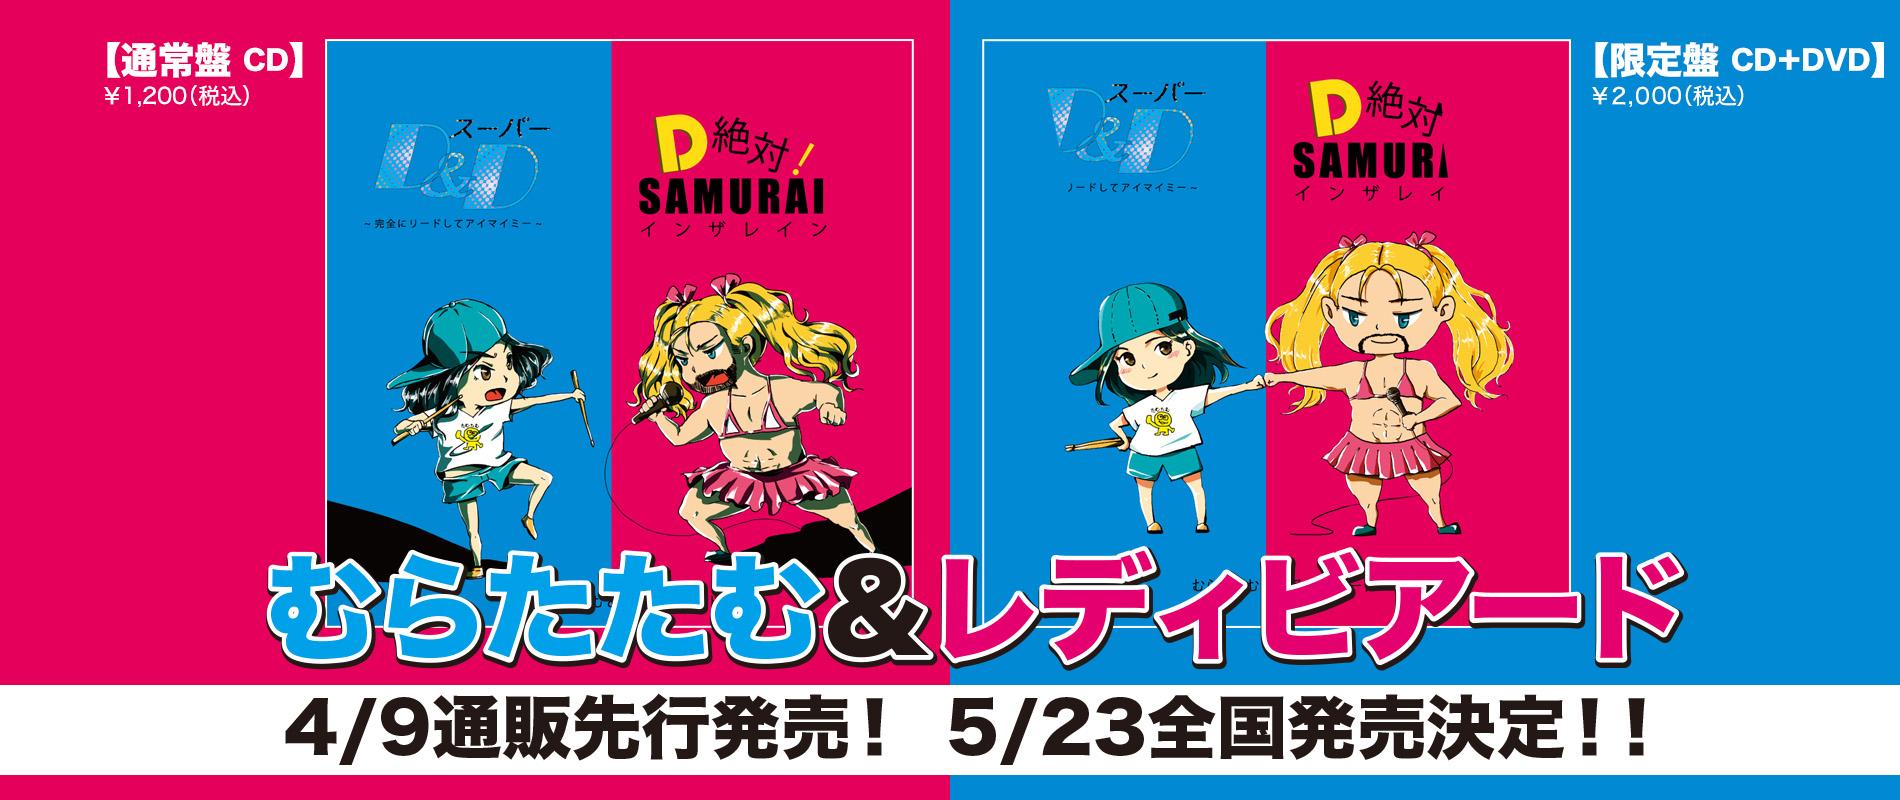 4/9通販先行発売!5/23全国発売決定!!